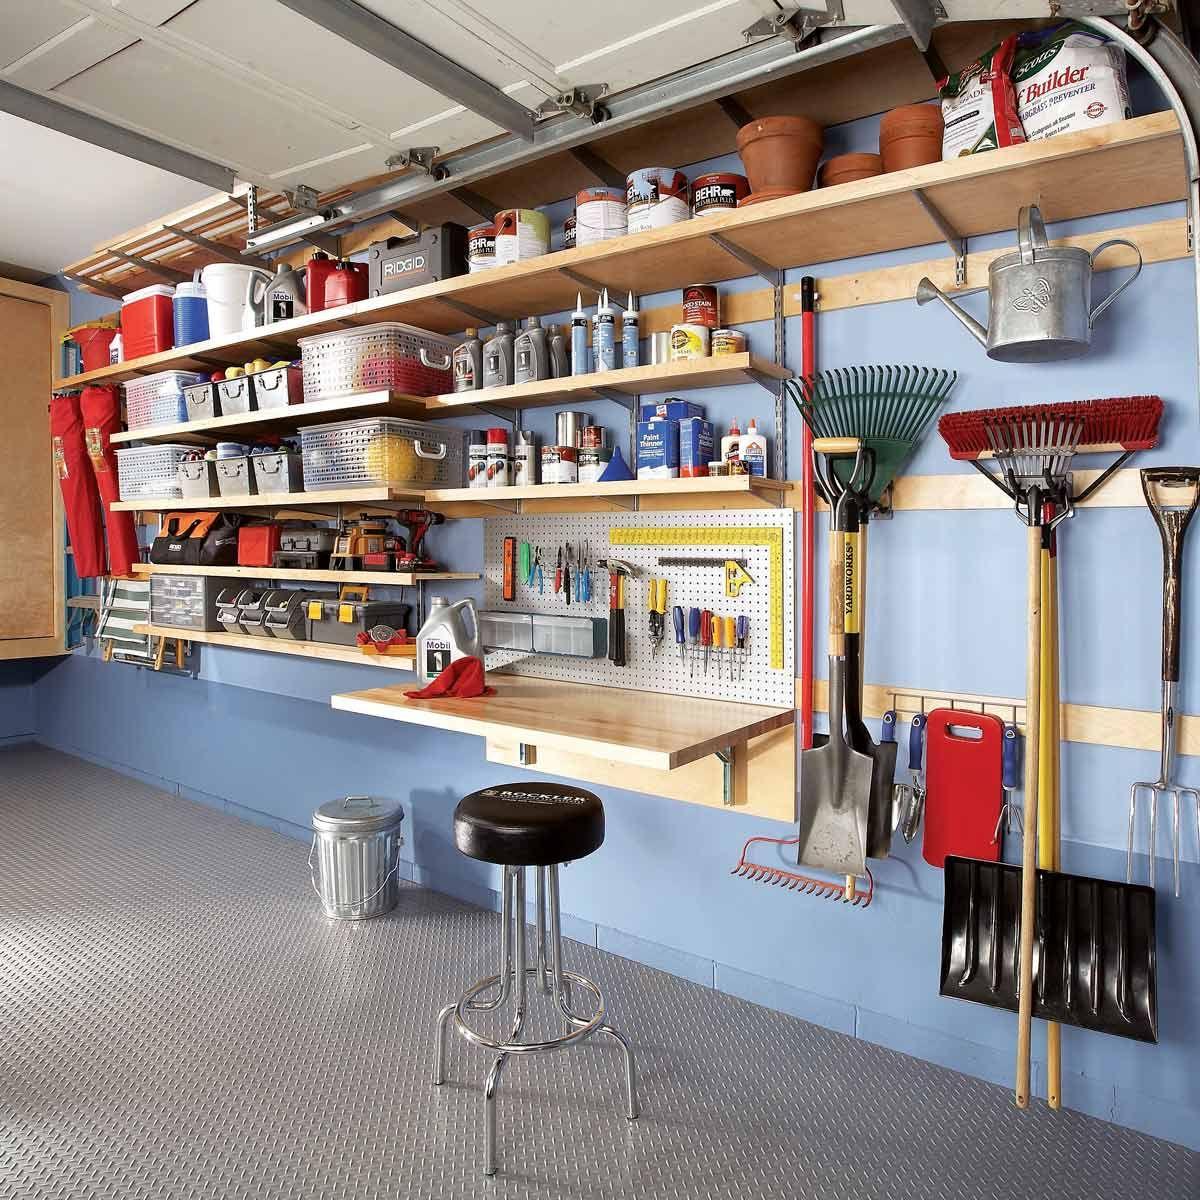 51 brilliant ways to organize your garage in 2020 garage on best garage organization and storage hacks ideas start for organizing your garage id=43650